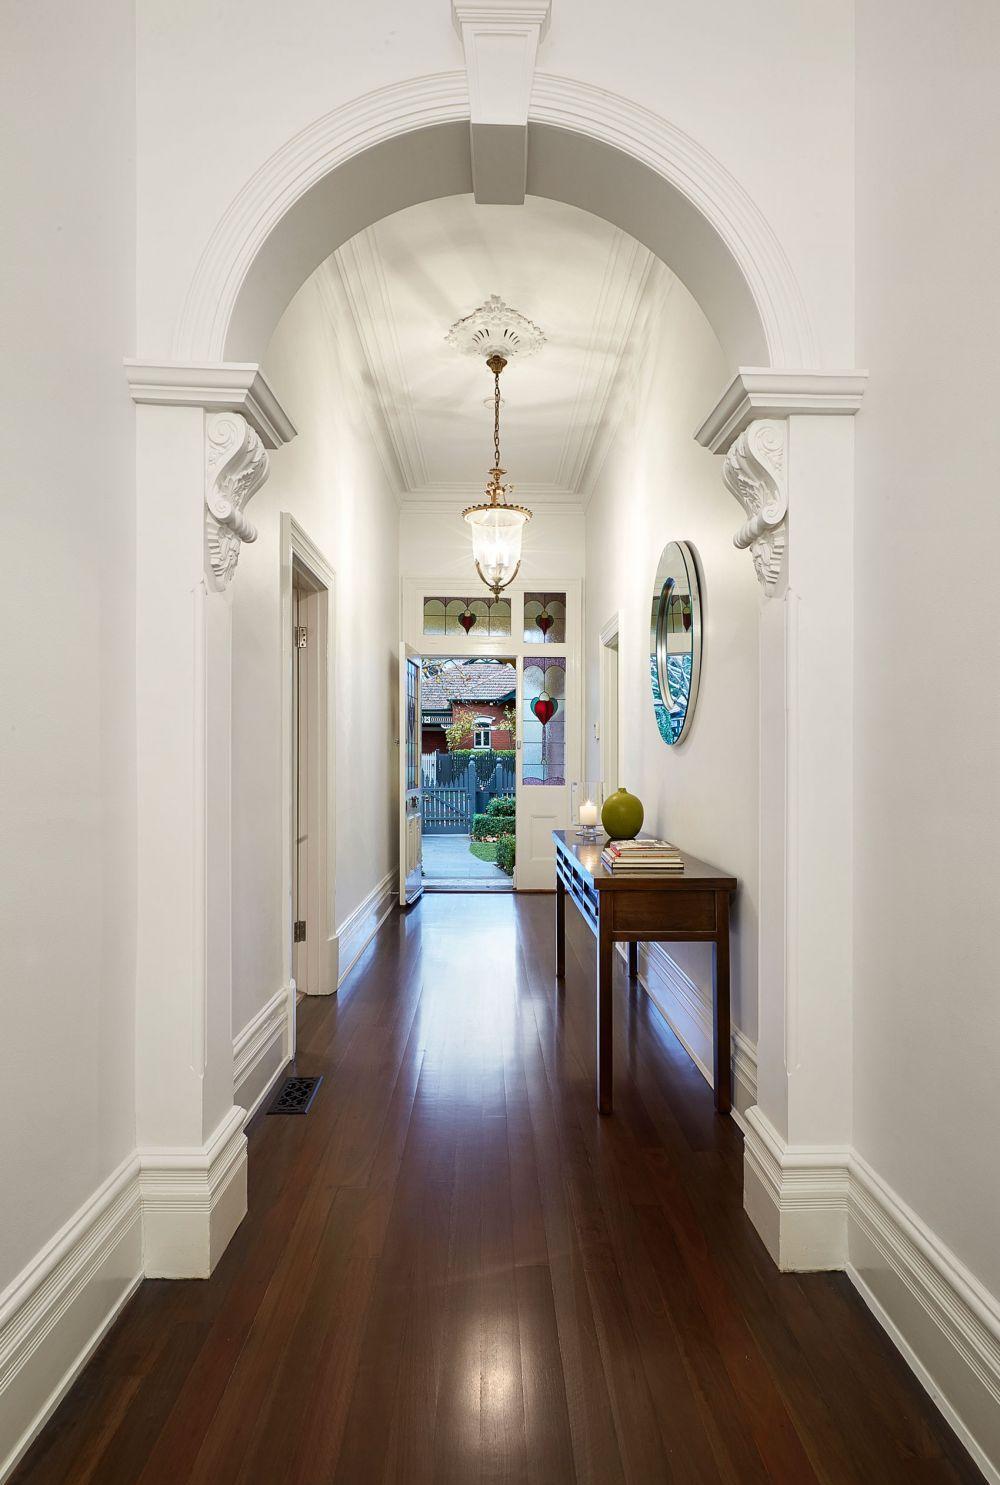 Дизайн коридора с аркой и лепниной